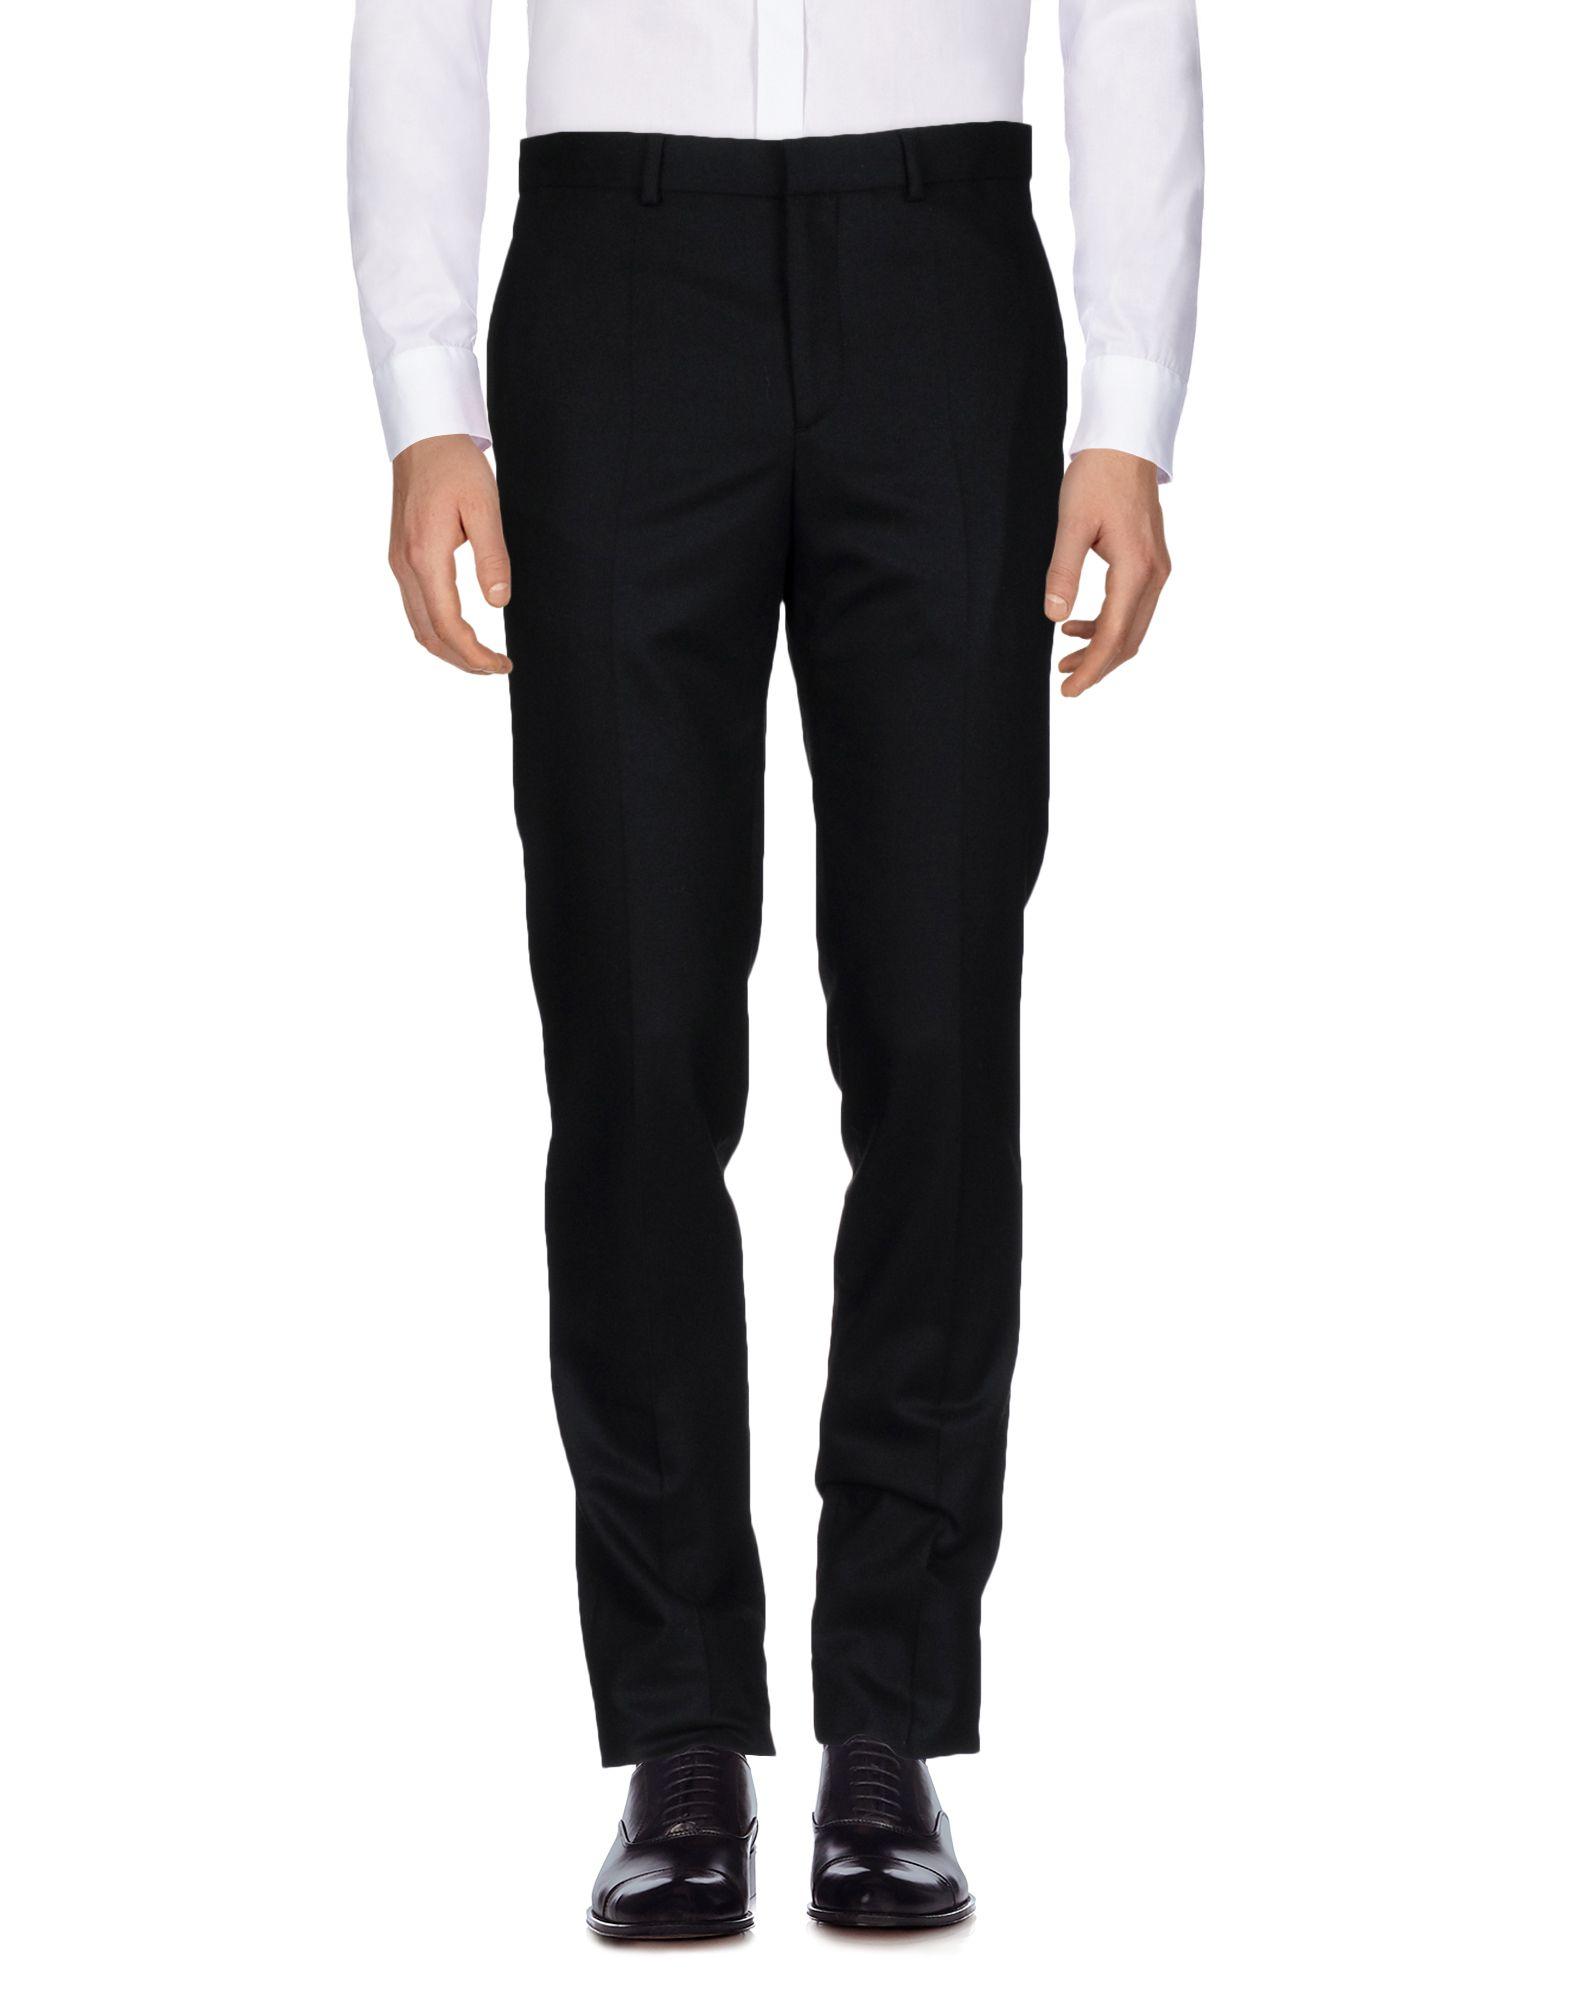 《送料無料》GIVENCHY メンズ パンツ ブラック 46 100% ウール